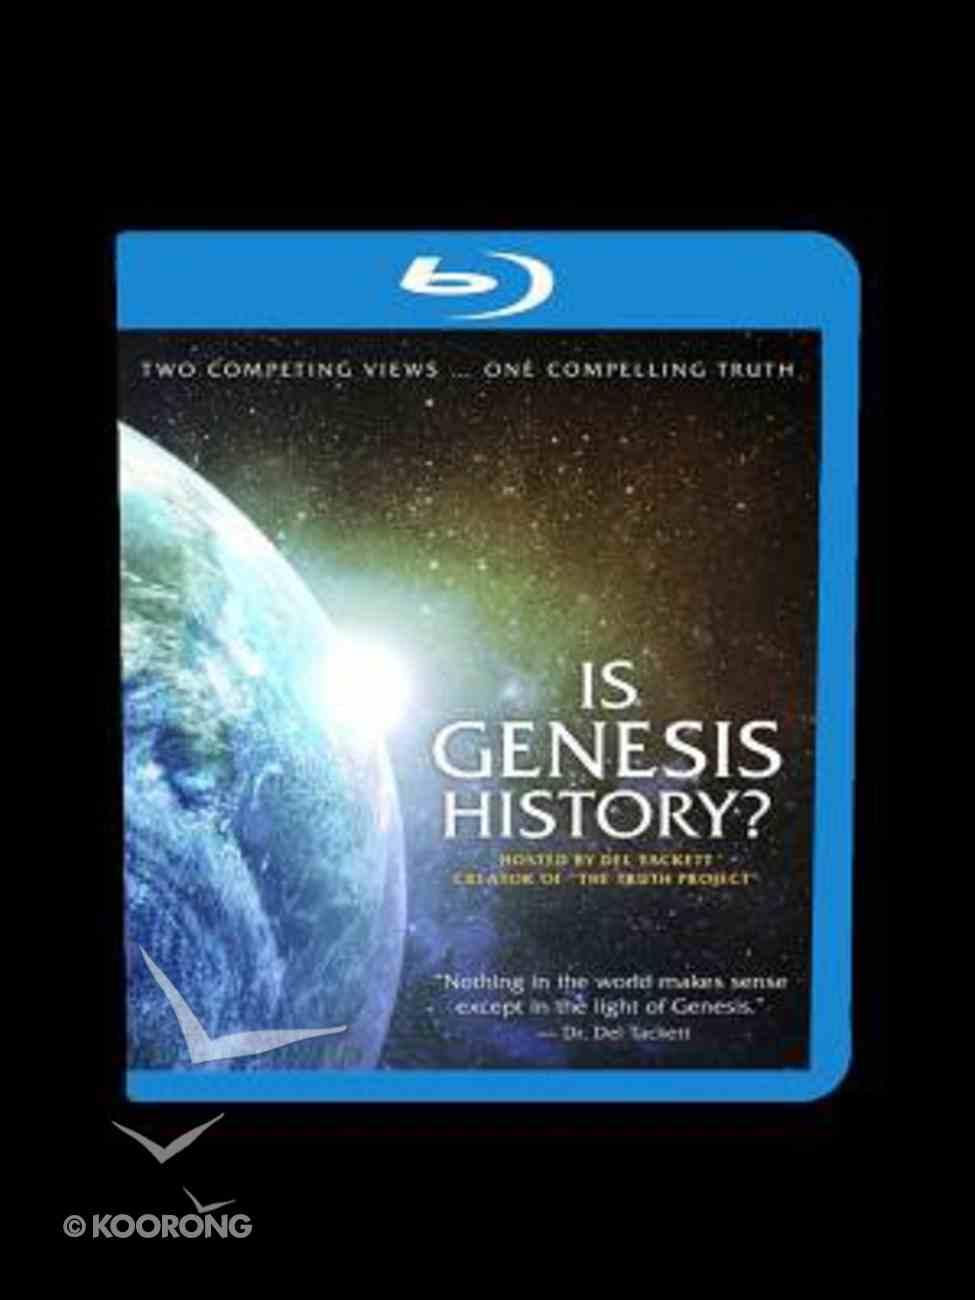 Is Genesis History? (Blu-ray) DVD